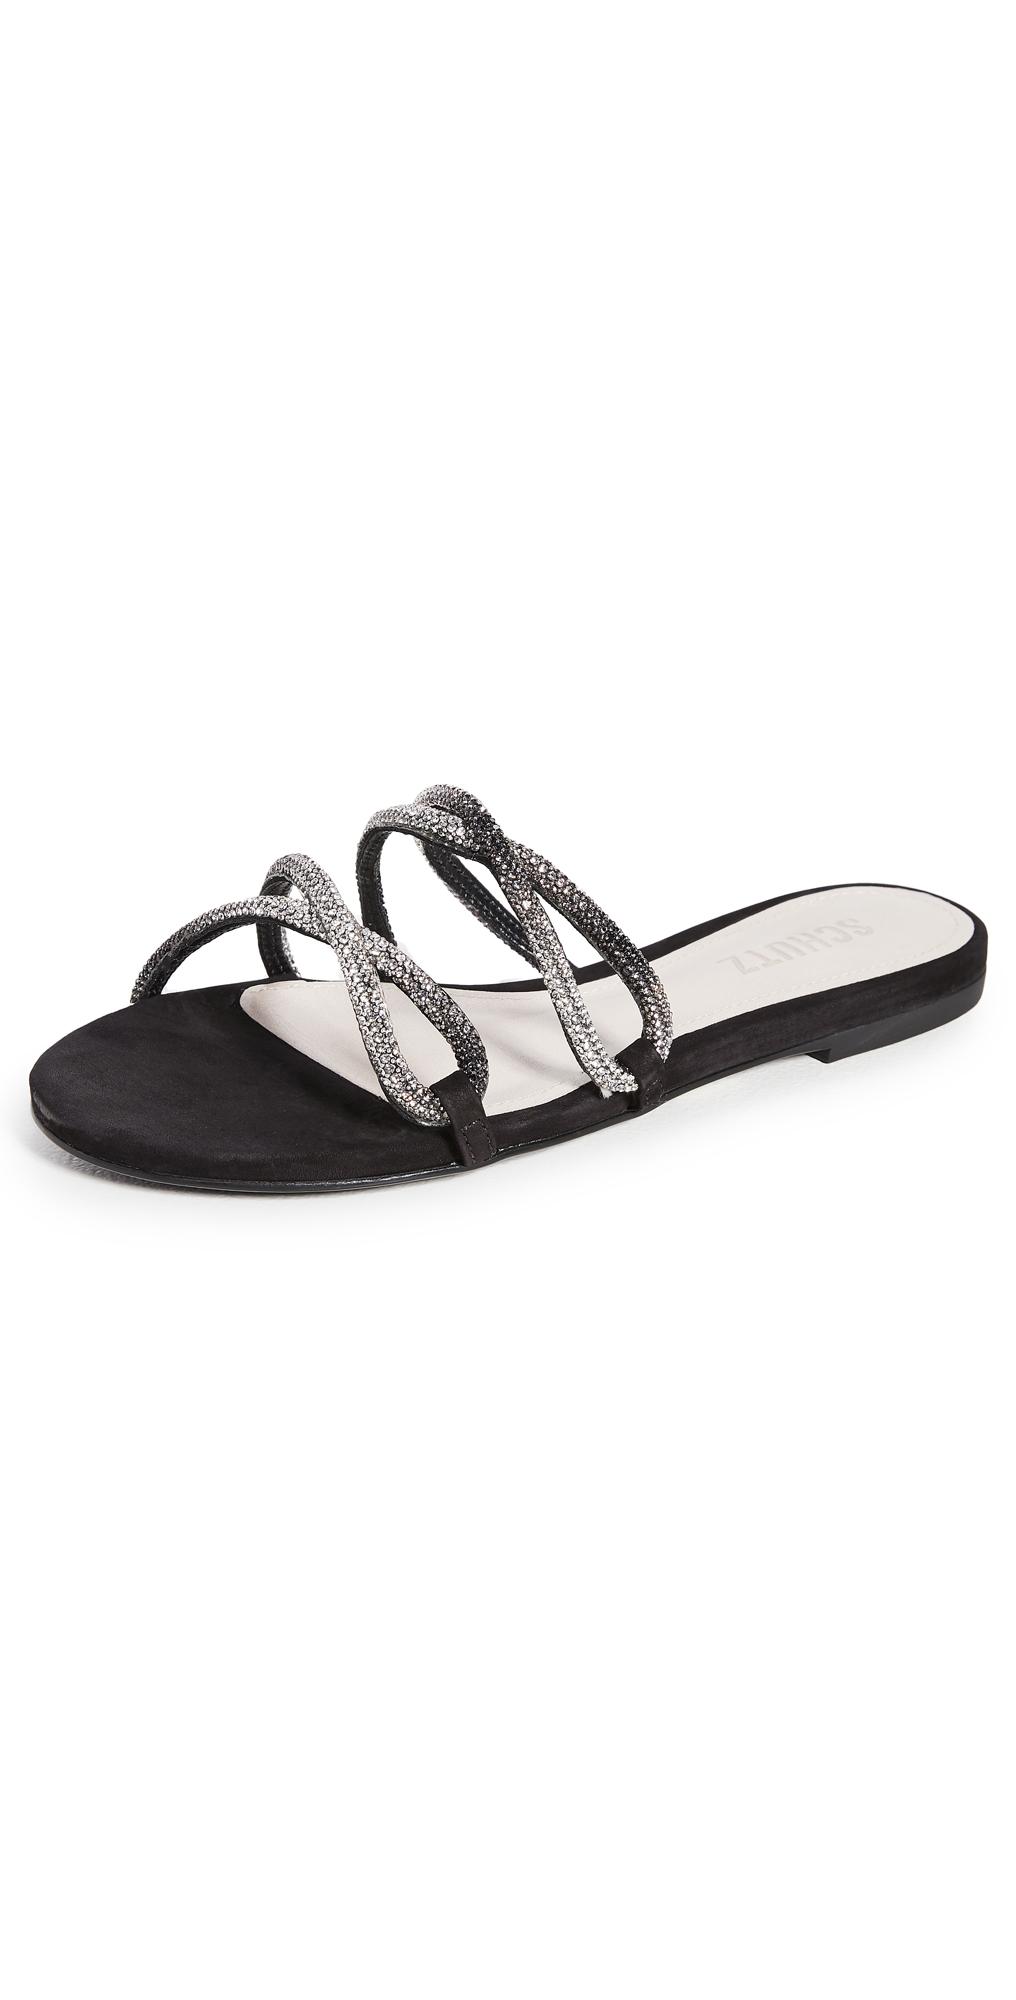 Schutz Annye Sandals